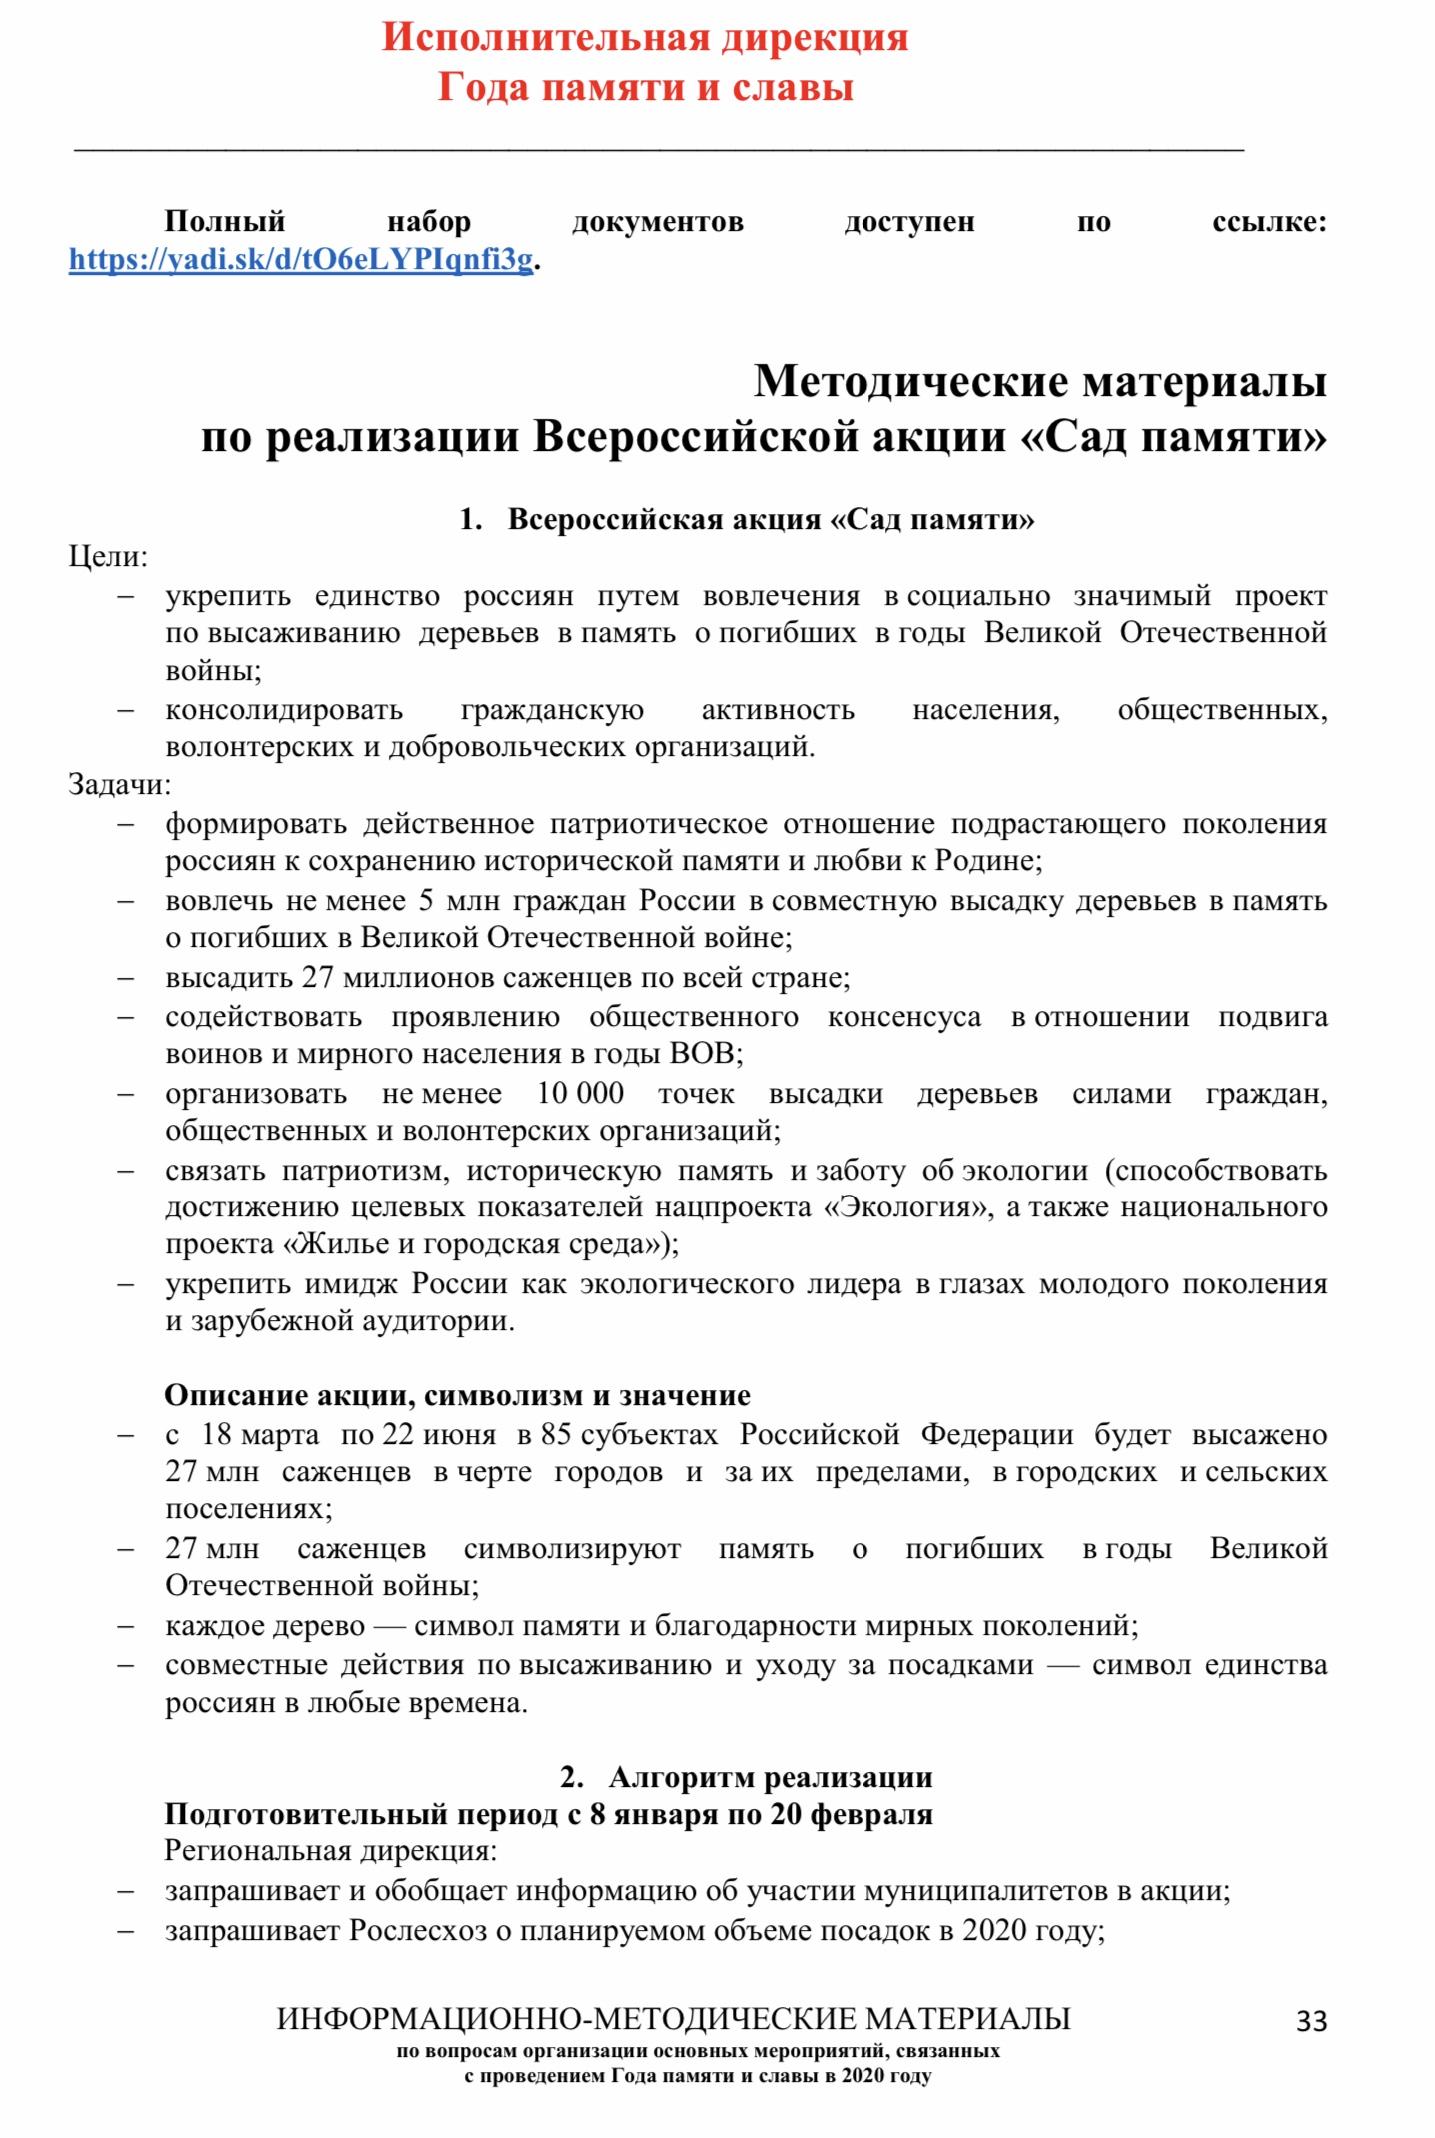 Акция Сад памяти в Вологде.PNG